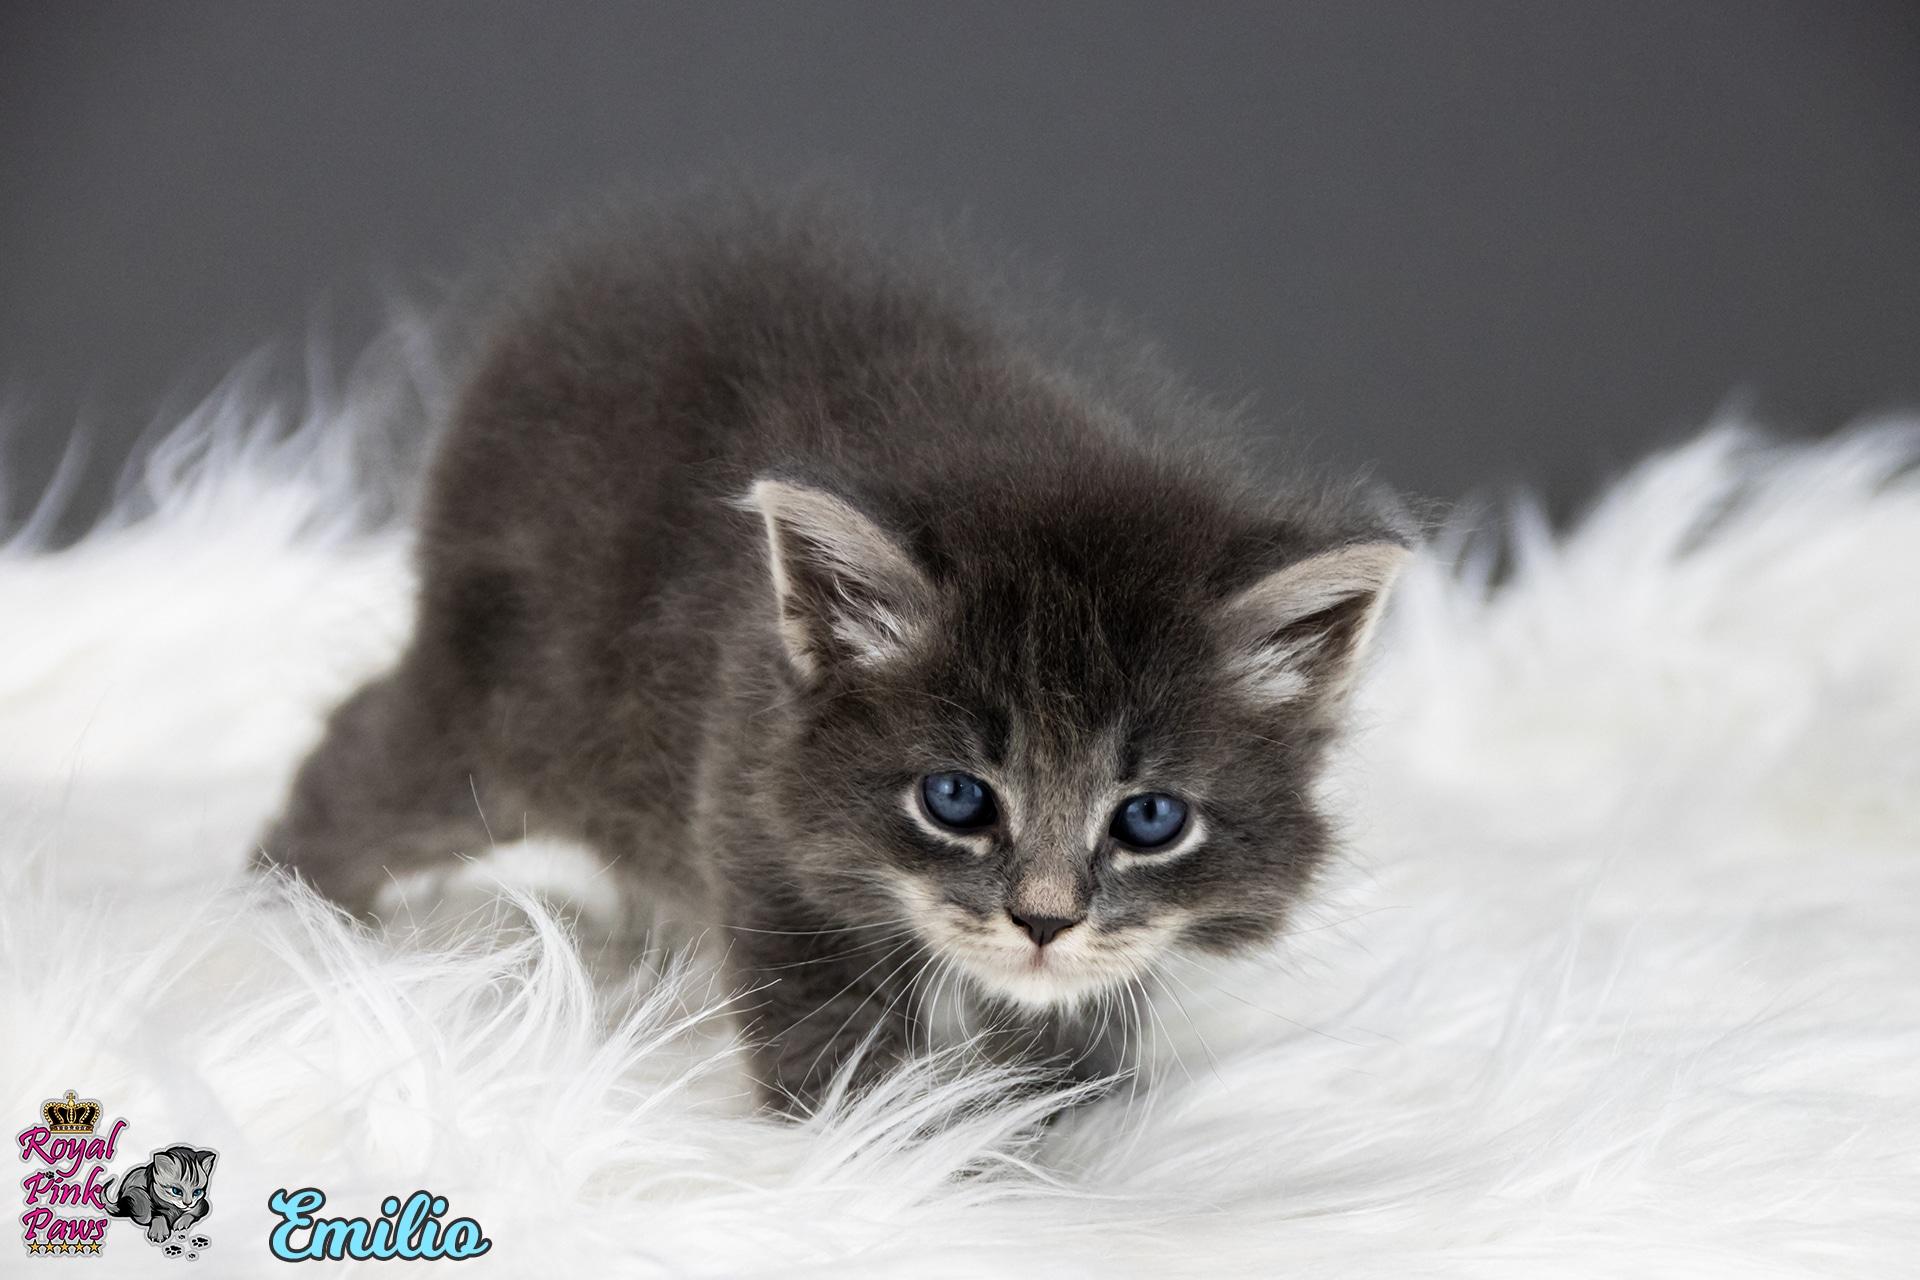 Sibirische Katze - Emilio Royal Pink Paws